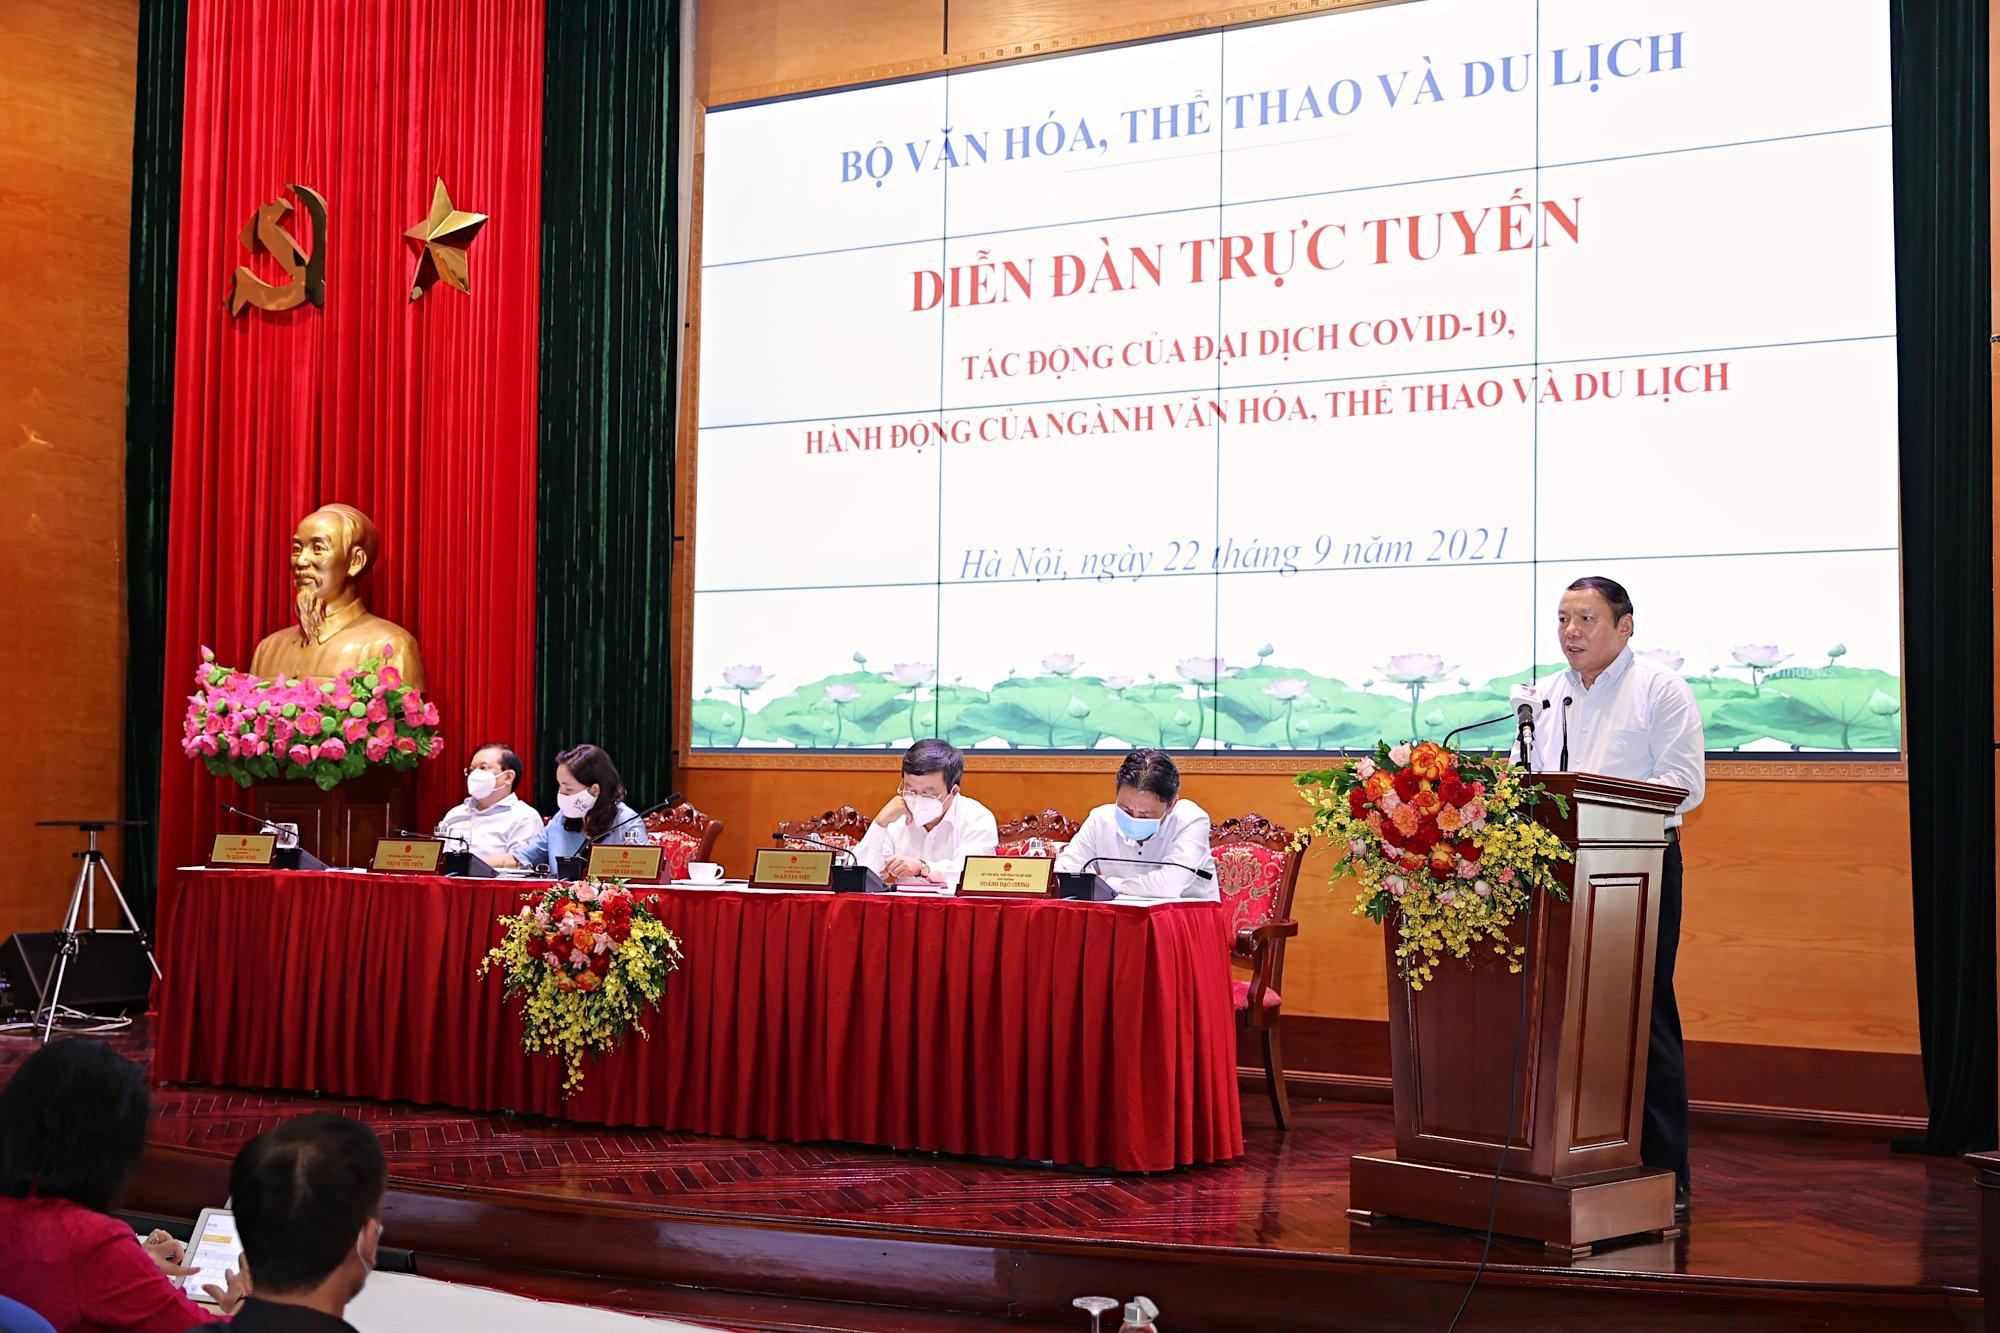 """Bộ trưởng Nguyễn Văn Hùng: """"Thấy được sự hy sinh của tuyến đầu chống dịch để tự soi mình, làm nhiều, cống hiến nhiều hơn"""" - Ảnh 1."""